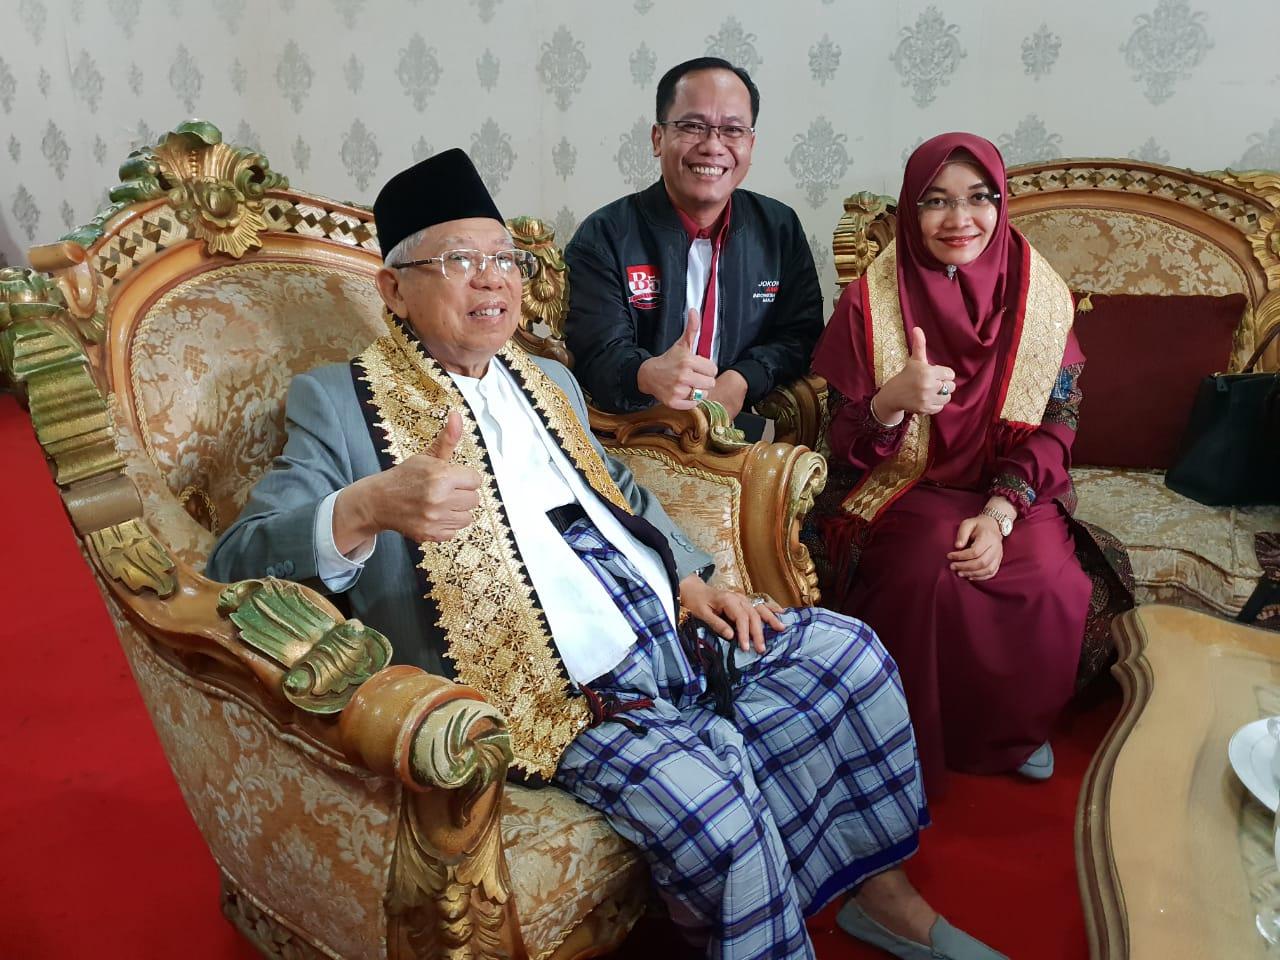 Calon wakil presiden (cawapres) pasangan Jokowi, yang juga Ketua Umum Majelis Ulama Indonesia (MUI) nonaktif, Prof. Dr. (HC) KH. Ma'ruf Amin, M.A., bertandang ke Bumi Ruwa Jurai.